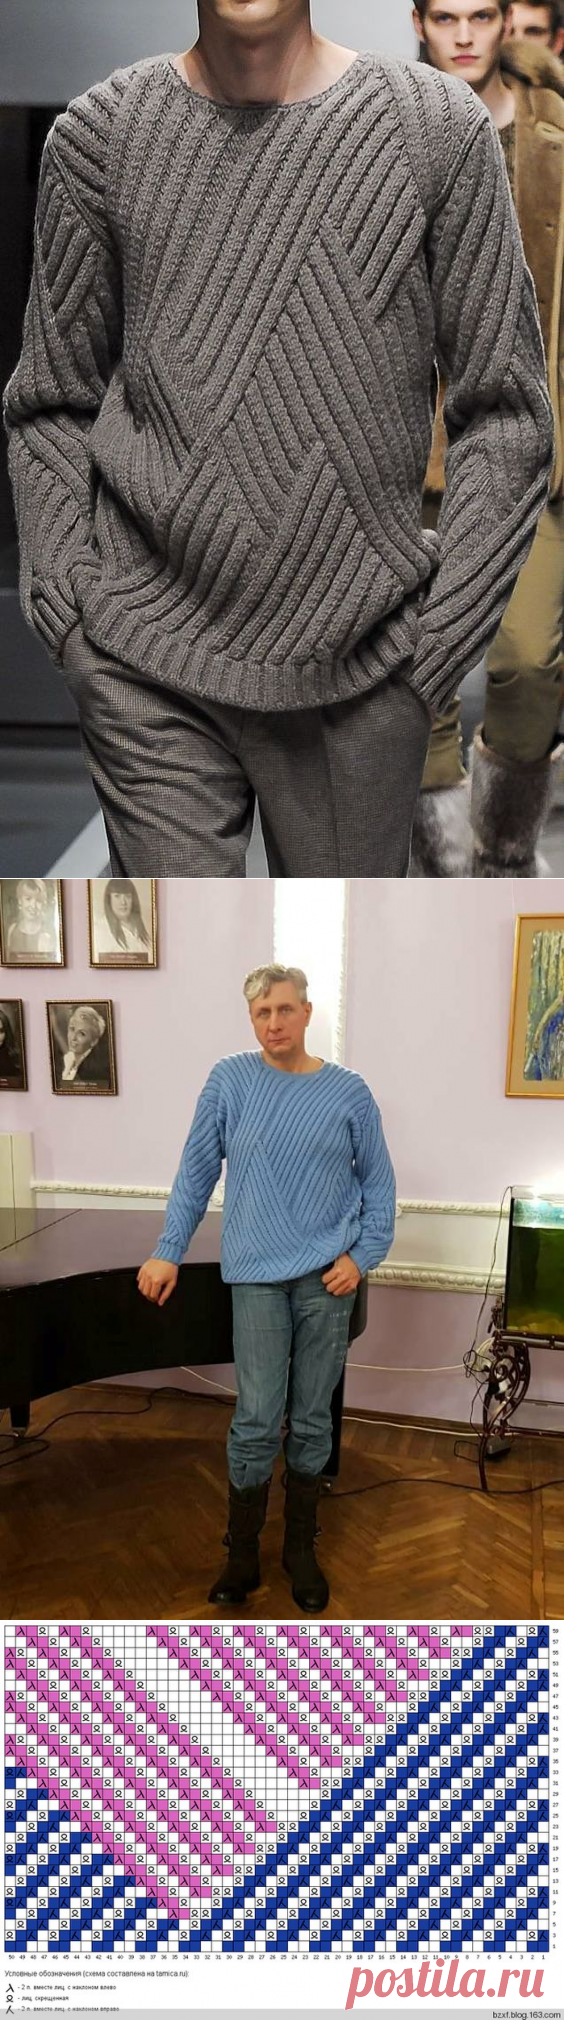 Мужской пуловер. Модель с Осинки.